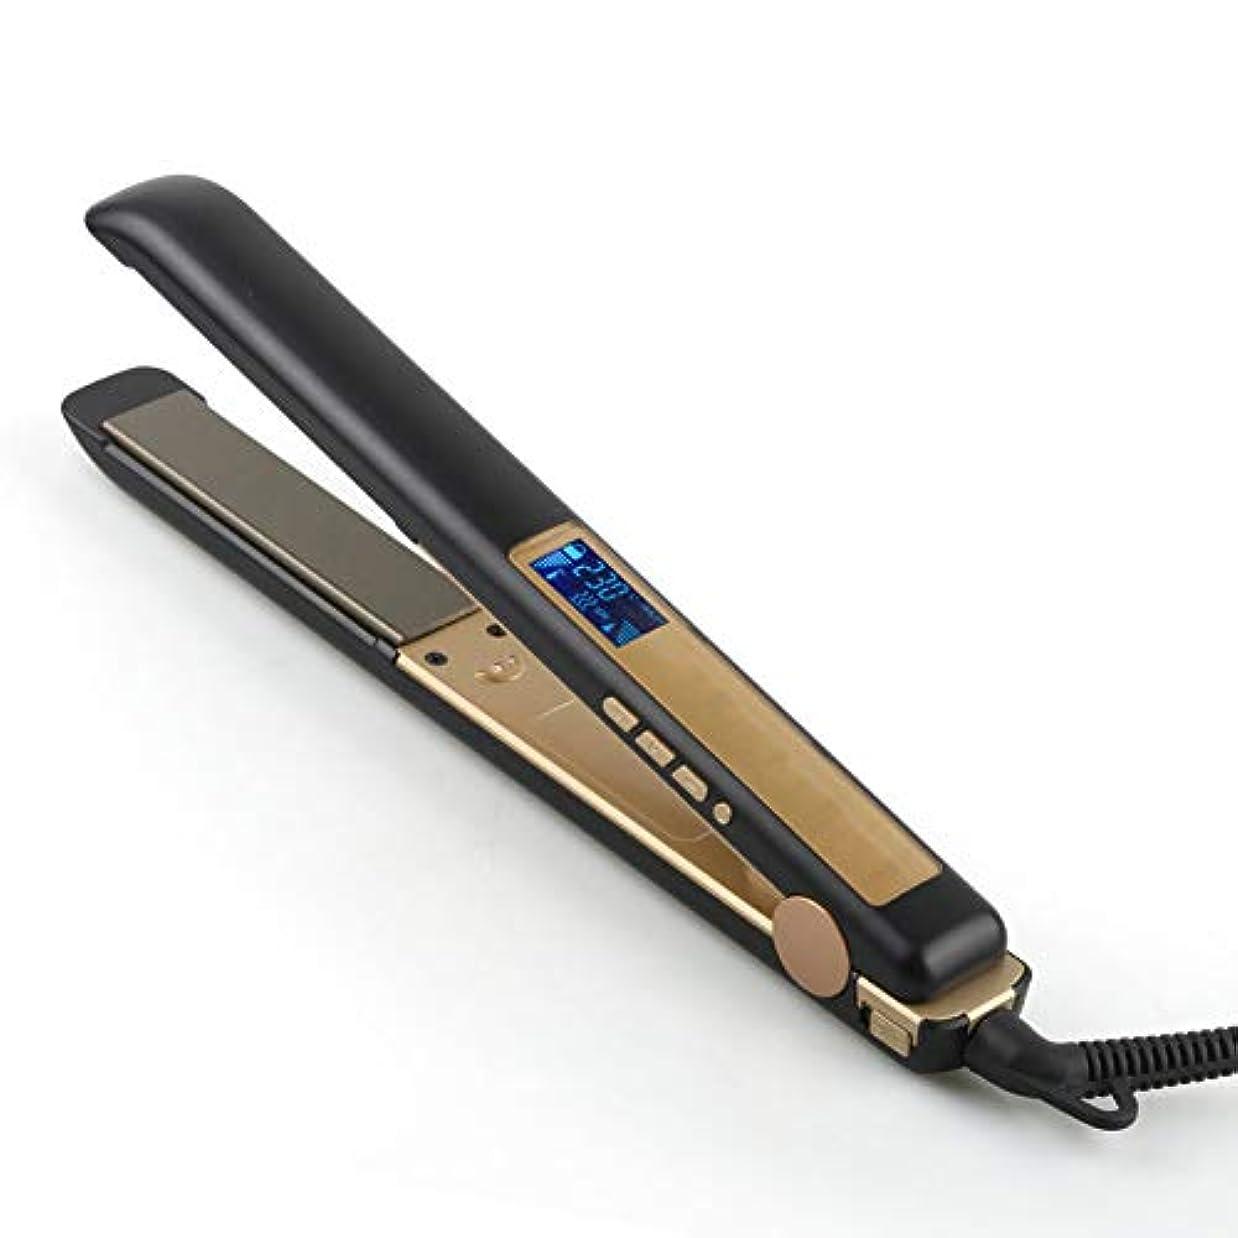 比較的矢印でるデジタルディスプレイセラミックヘアストレートナー温度はLEDディスプレイで調整可能ヘアケアは赤黒ピンクスプリントをスタイリングするショッピングデートの髪を傷つけません (Color : ブラック)